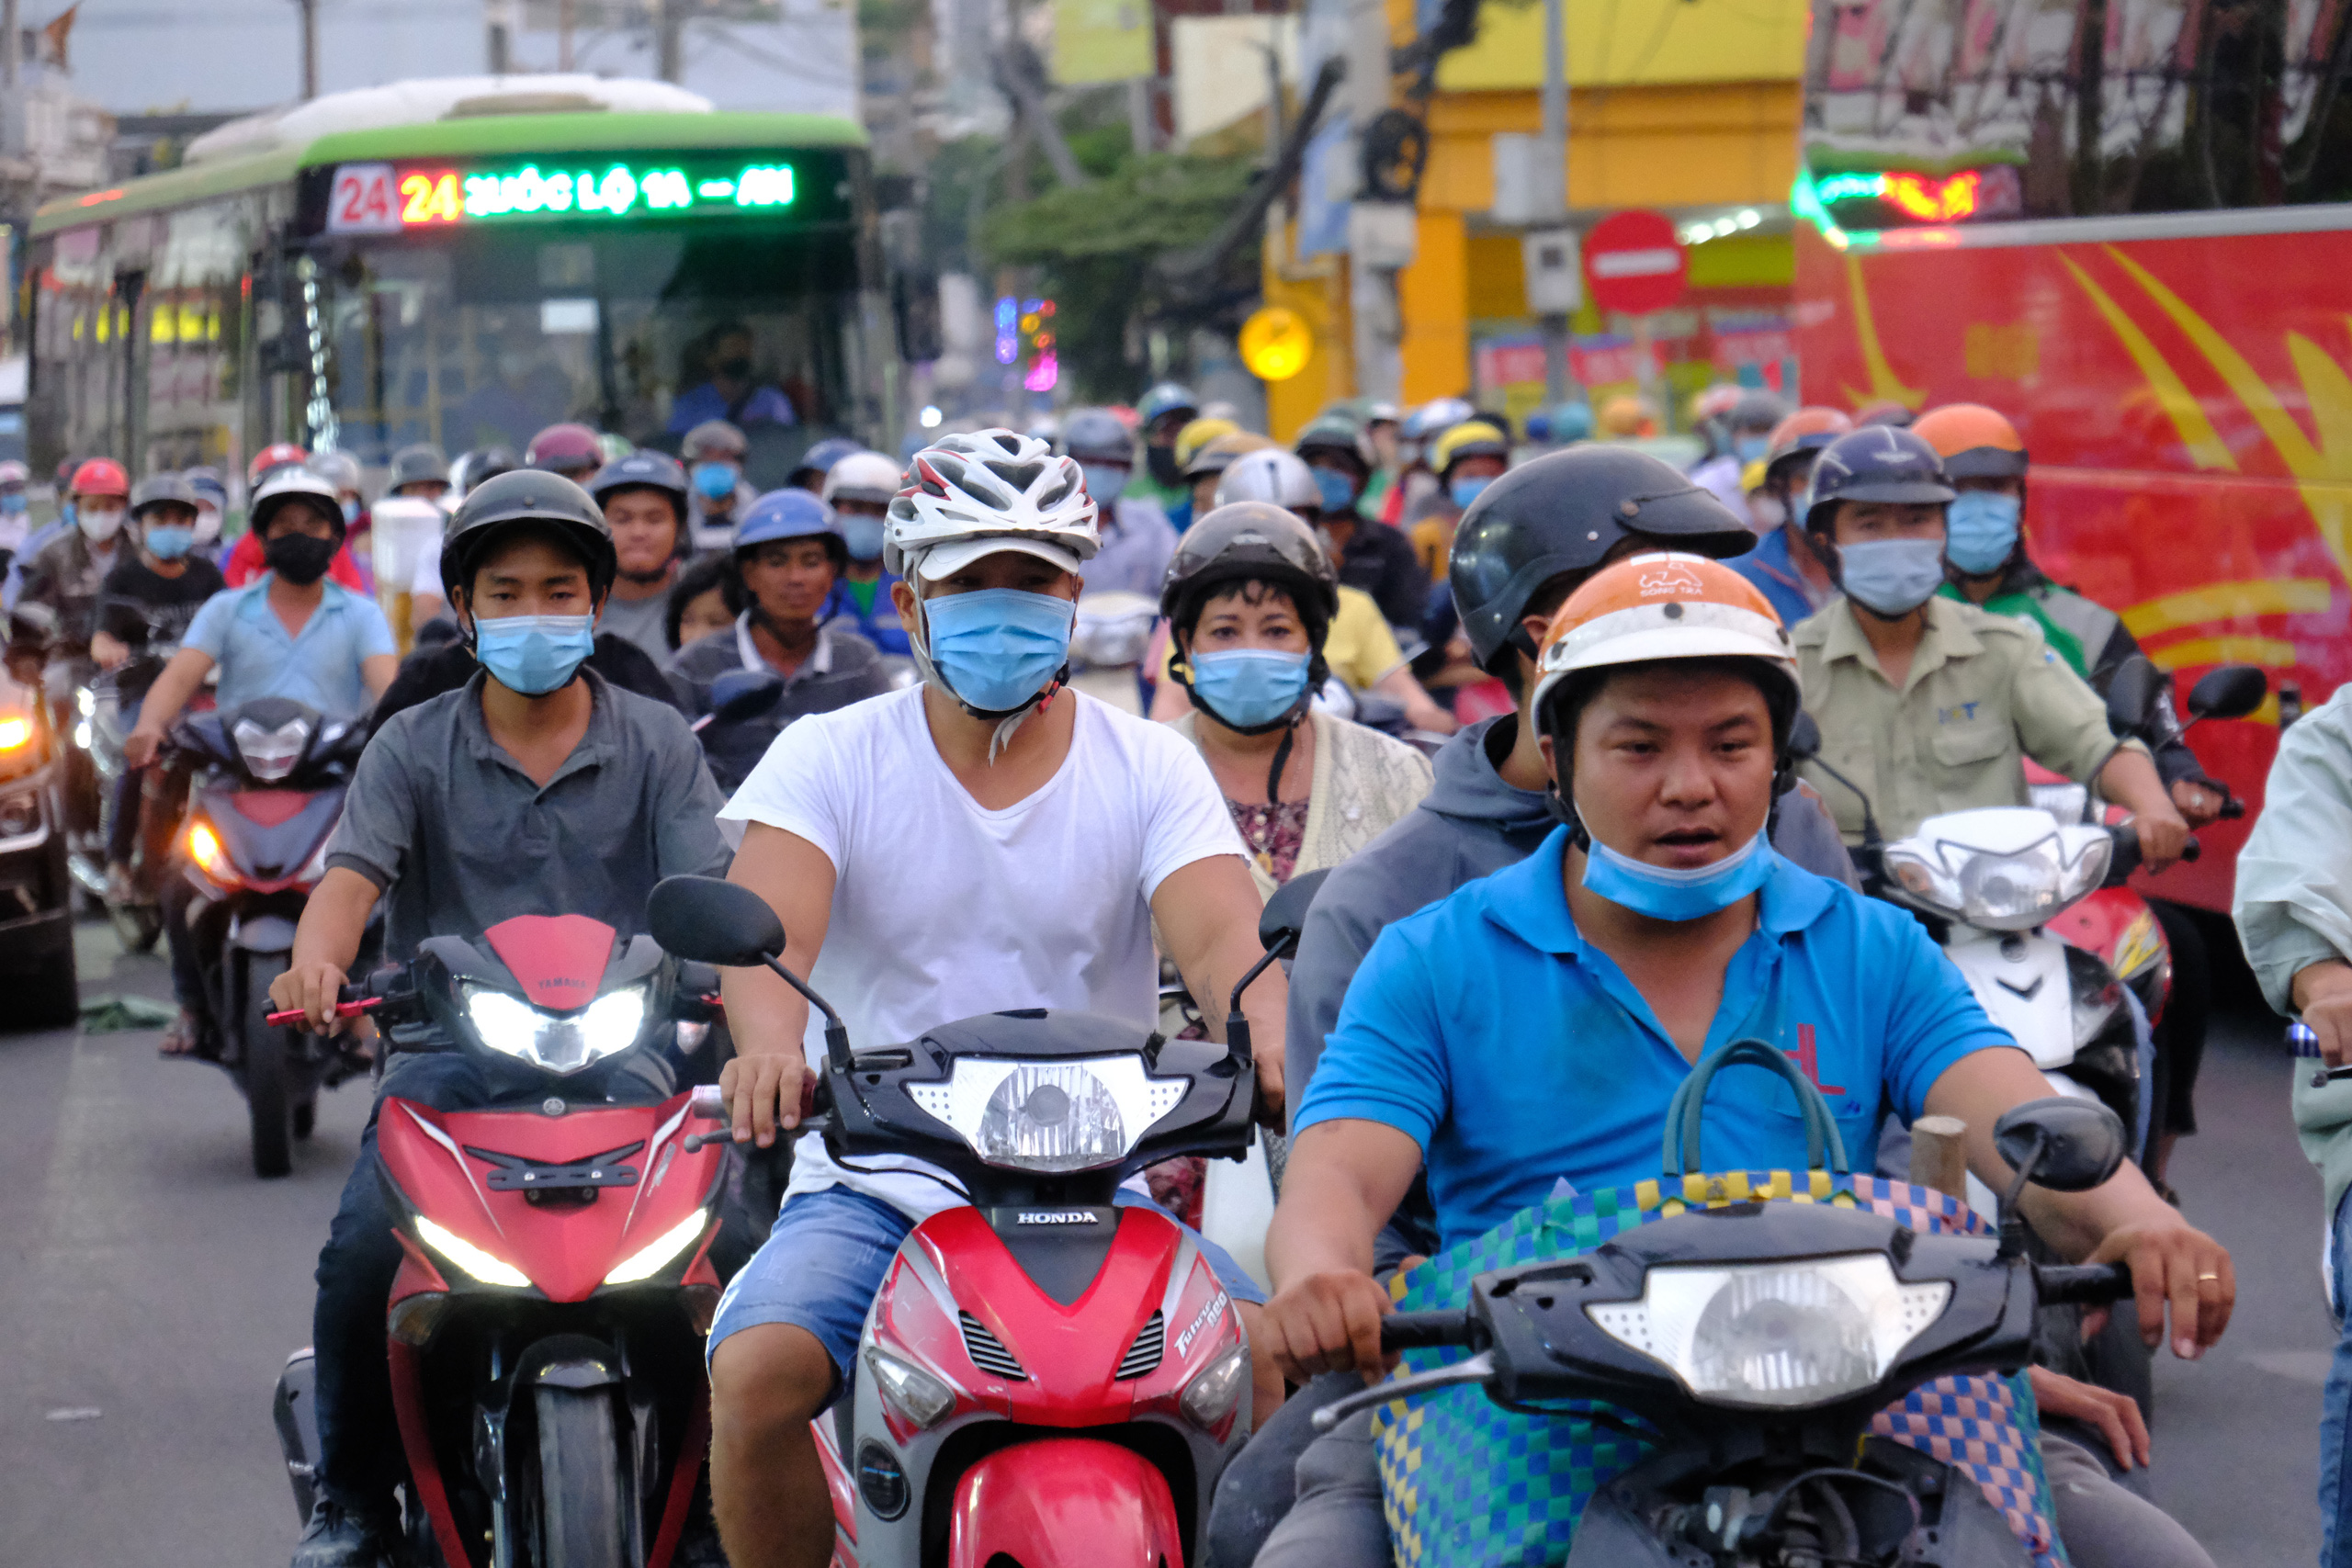 Chùm ảnh: Người dân ùn ùn kéo nhau về quê ăn Tết, Hà Nội tắc đường kinh hoàng chiều cuối năm - Ảnh 23.